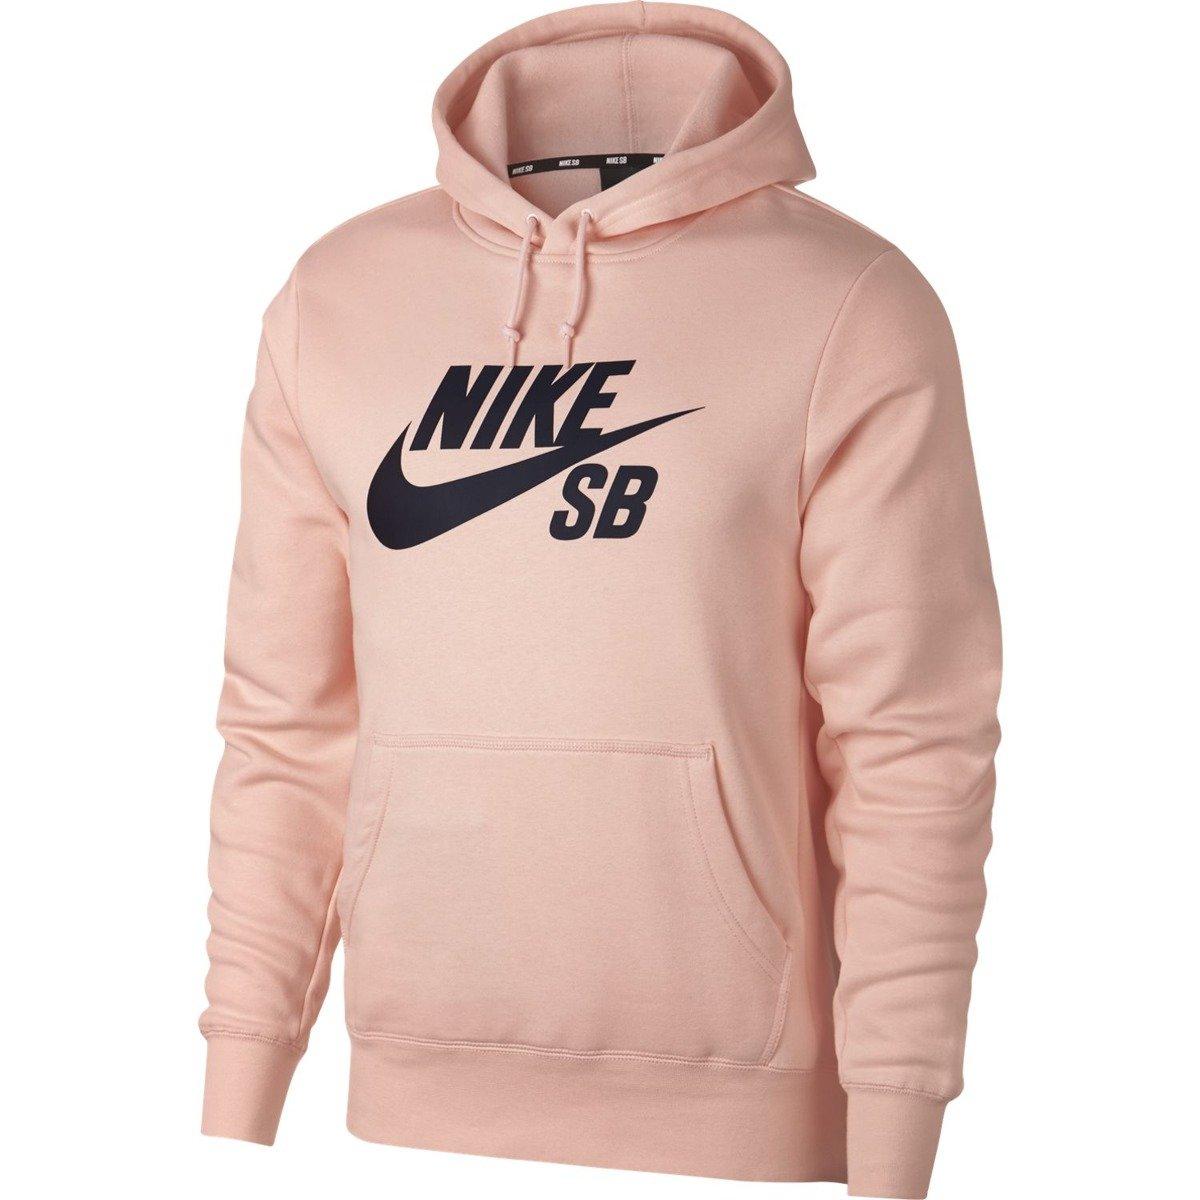 Nike Bluza Bluzy męskie różowe w